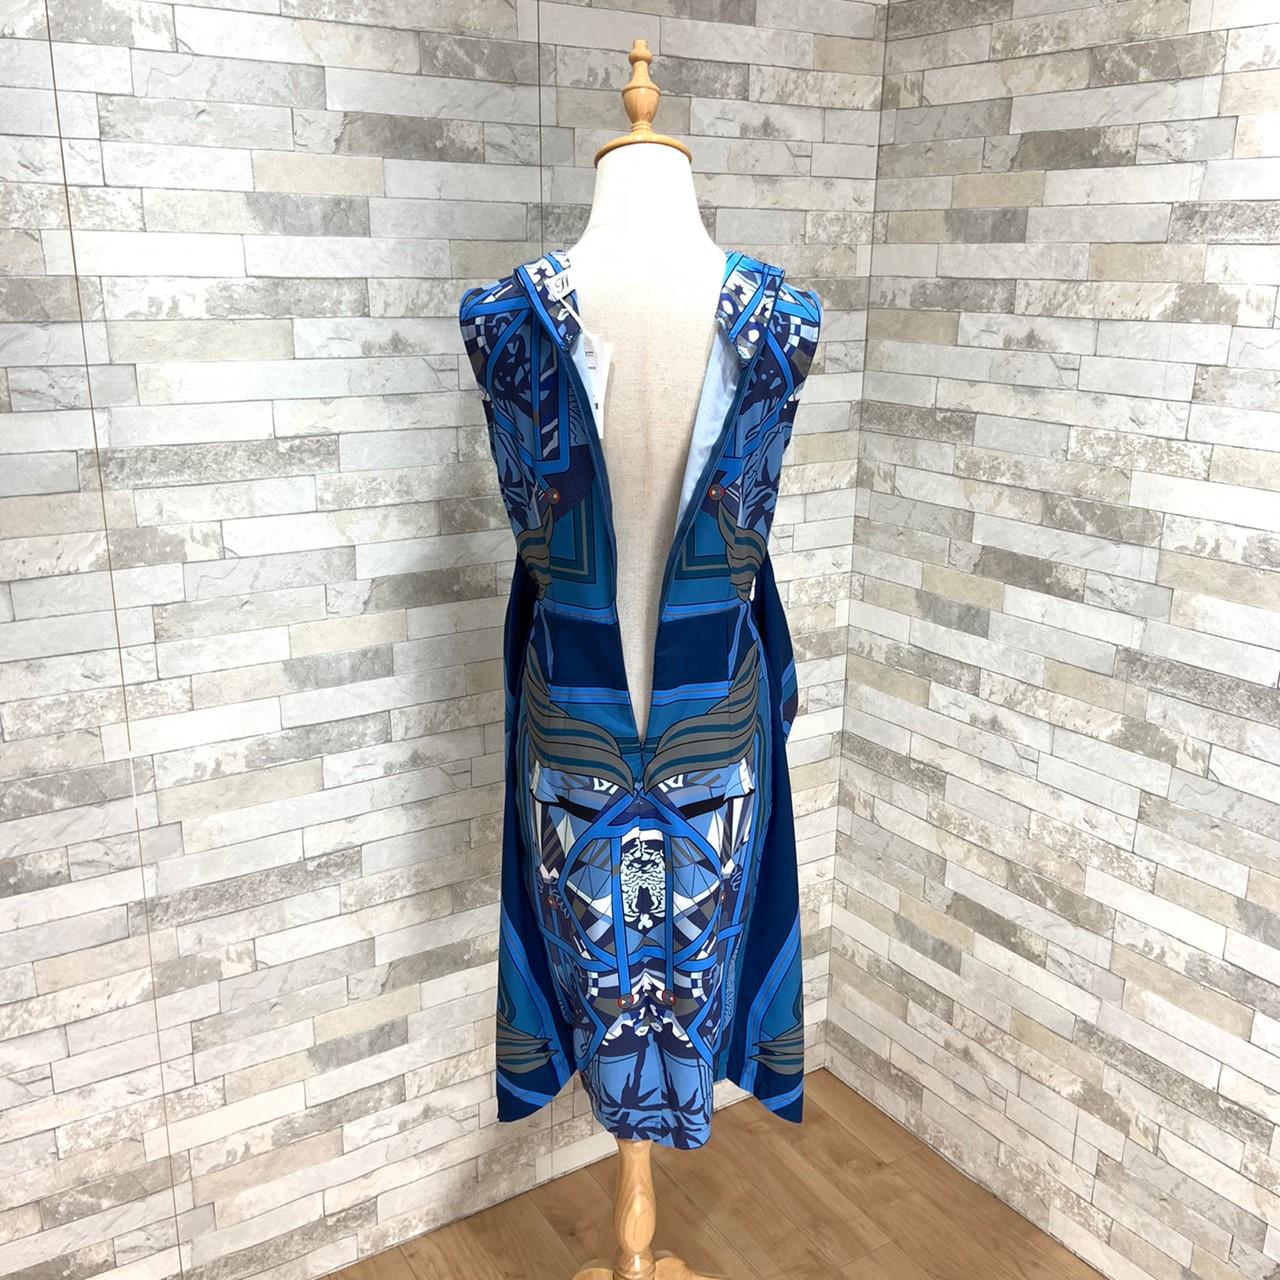 【即納】韓国 ファッション ワンピース パーティードレス ひざ丈 ミディアム 夏 春 パーティー ブライダル SPTXB517 結婚式 お呼ばれ ゴージャス レトロ スカーフ 二次会 セレブ きれいめの写真13枚目